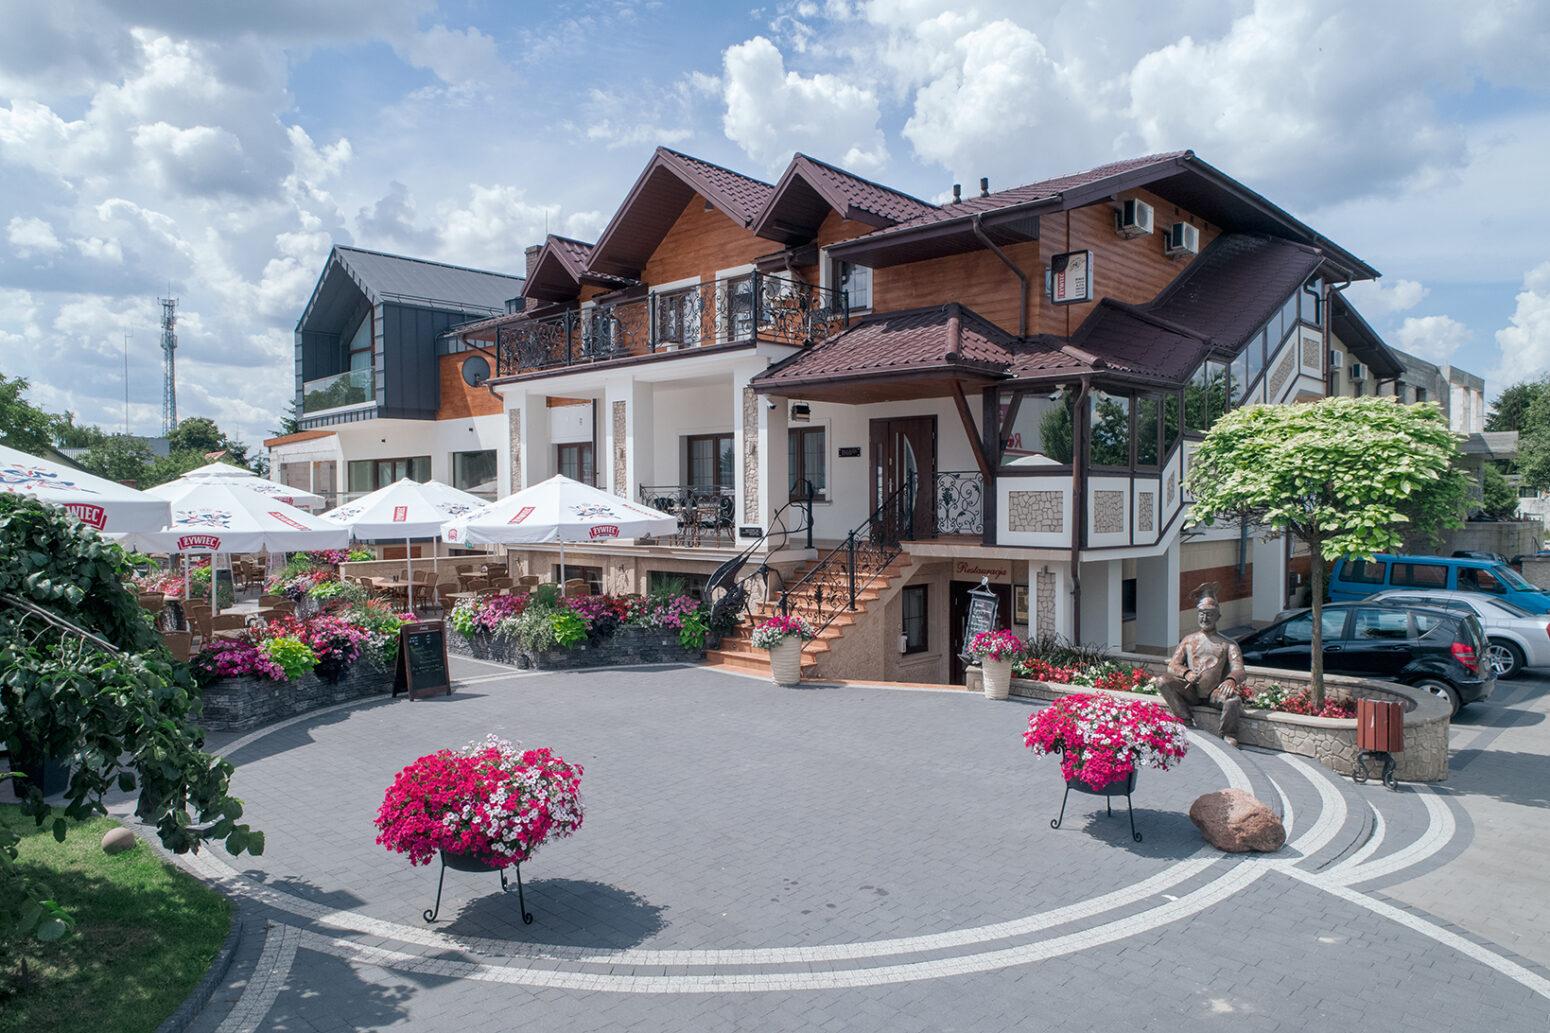 Gniecki Hotel irestauracja Hrubieszów | Noclegi Hrubieszów, pokoje Hrubieszów, restauracja Hrubieszów